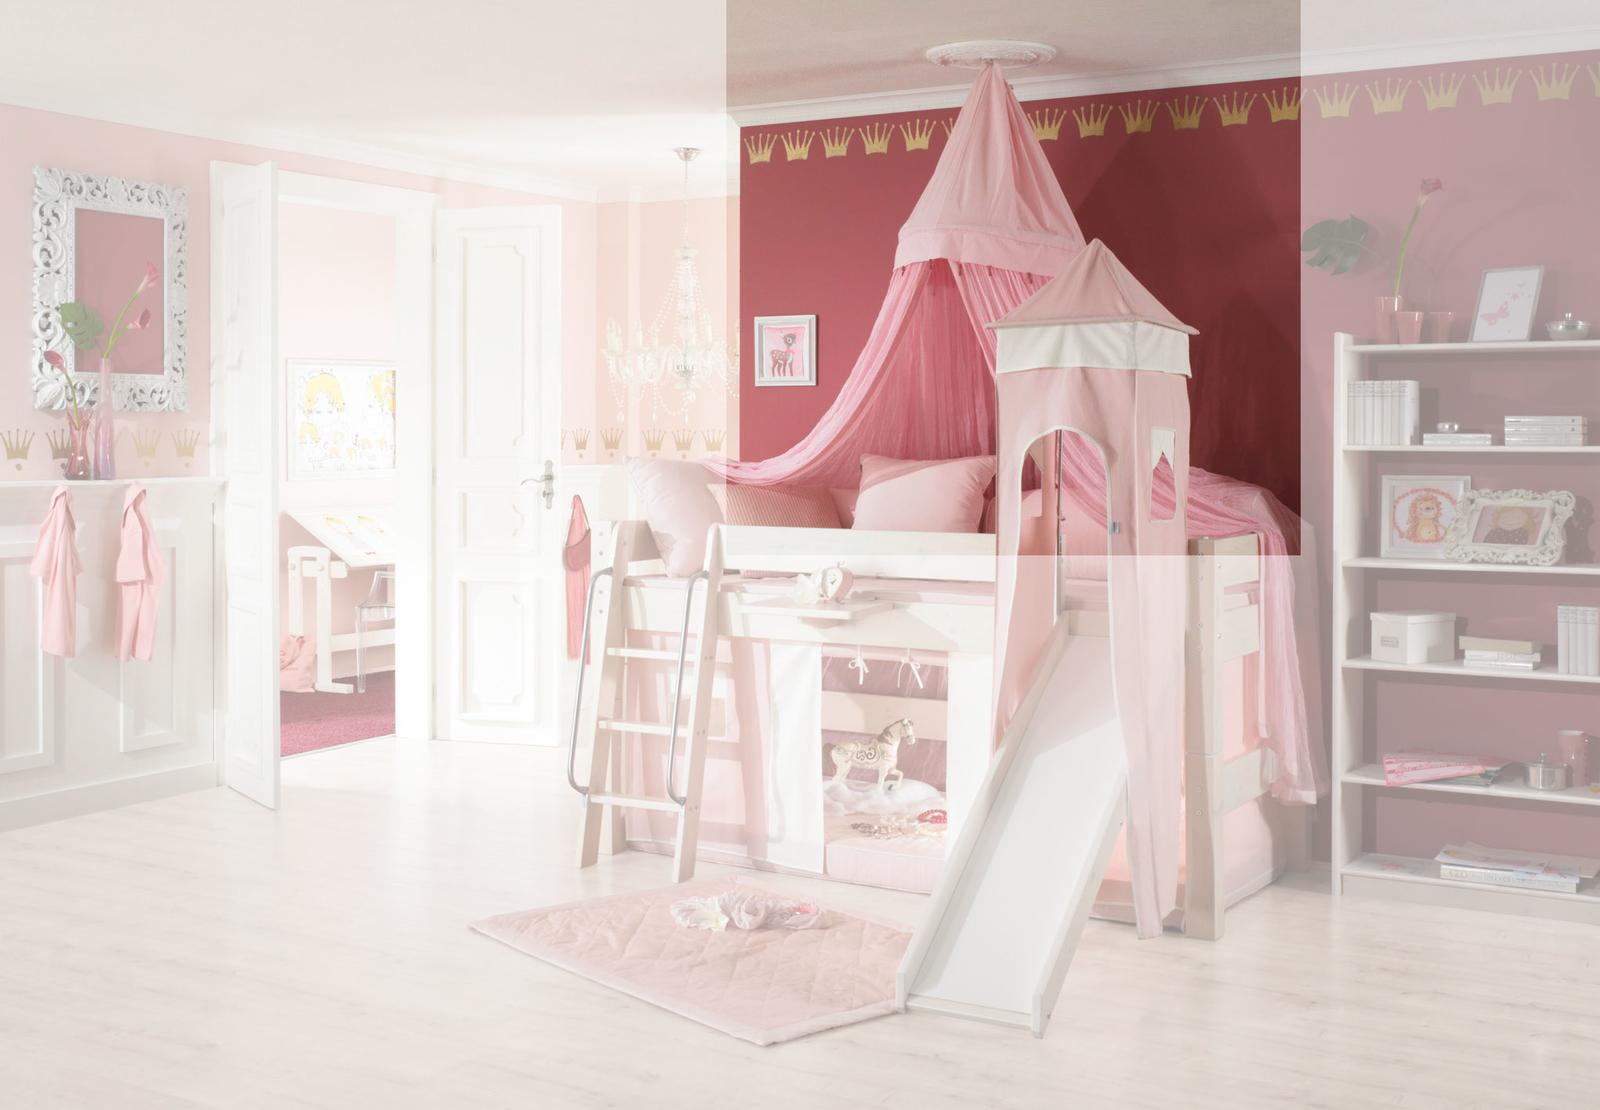 Dolphin Moby halbhohes Prinzessinnenbett mit Himmel, weiß-rosa, Bild 7